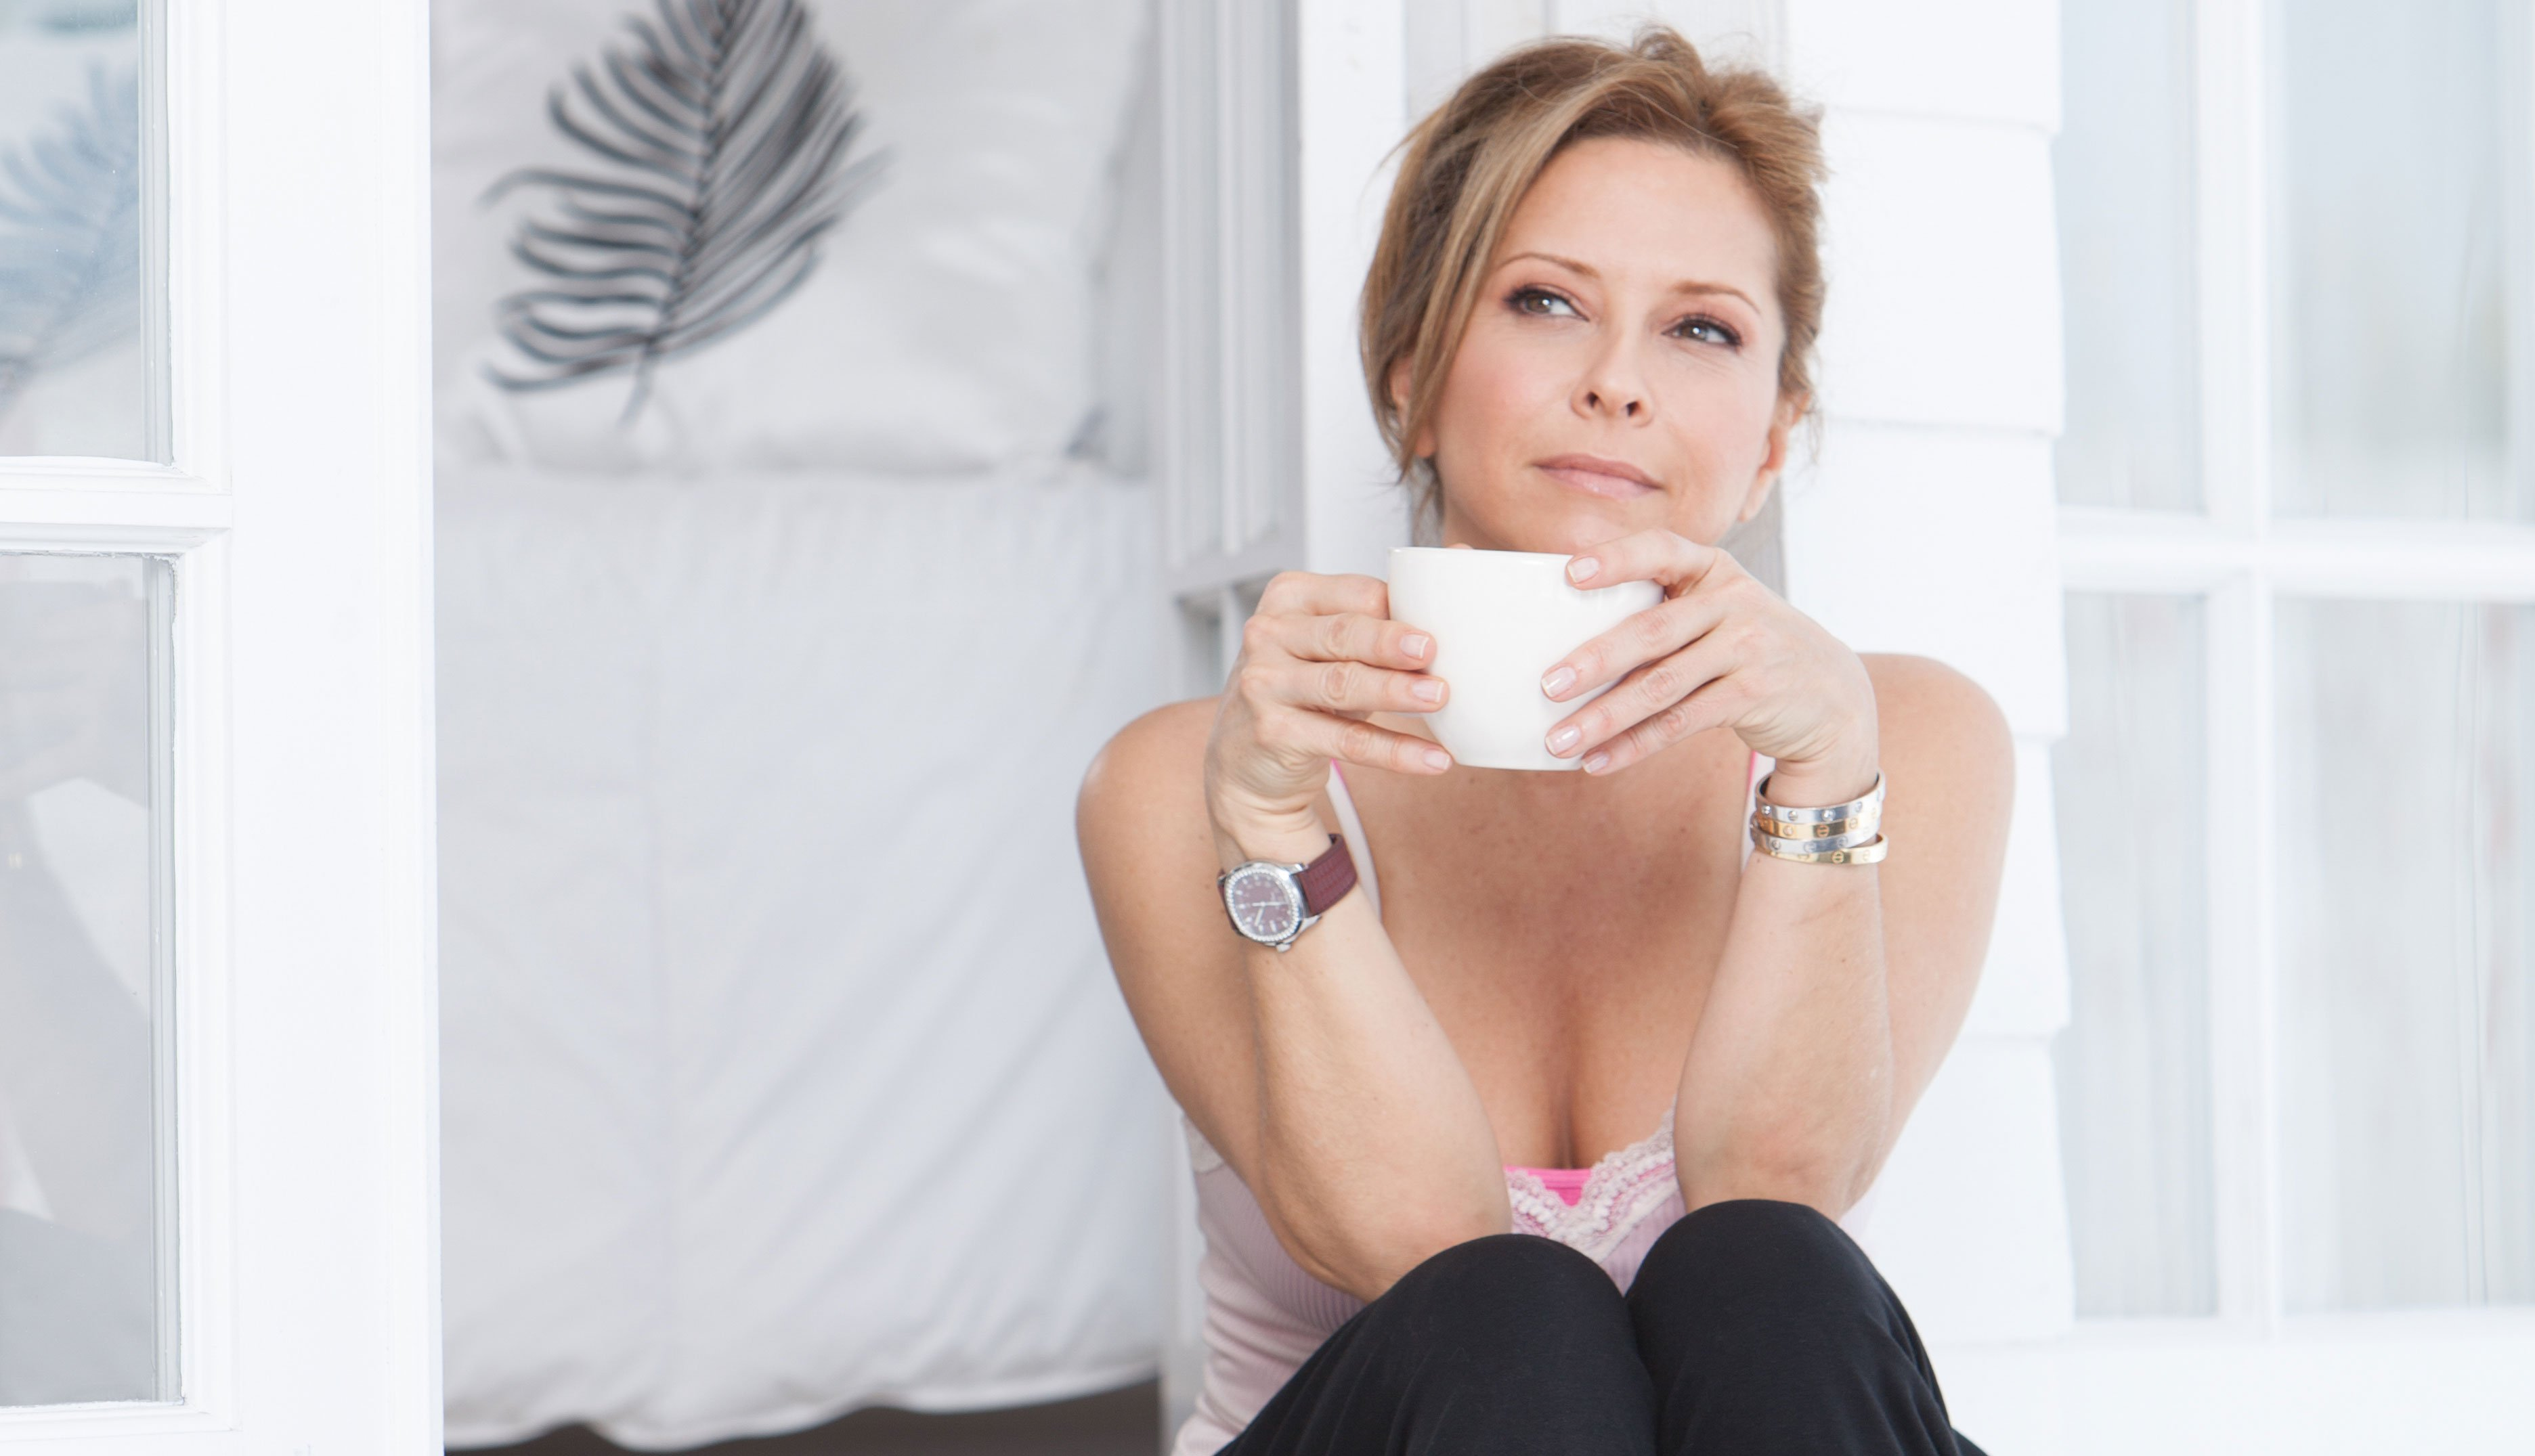 Ingrid Hoffmann tomando una taza de café